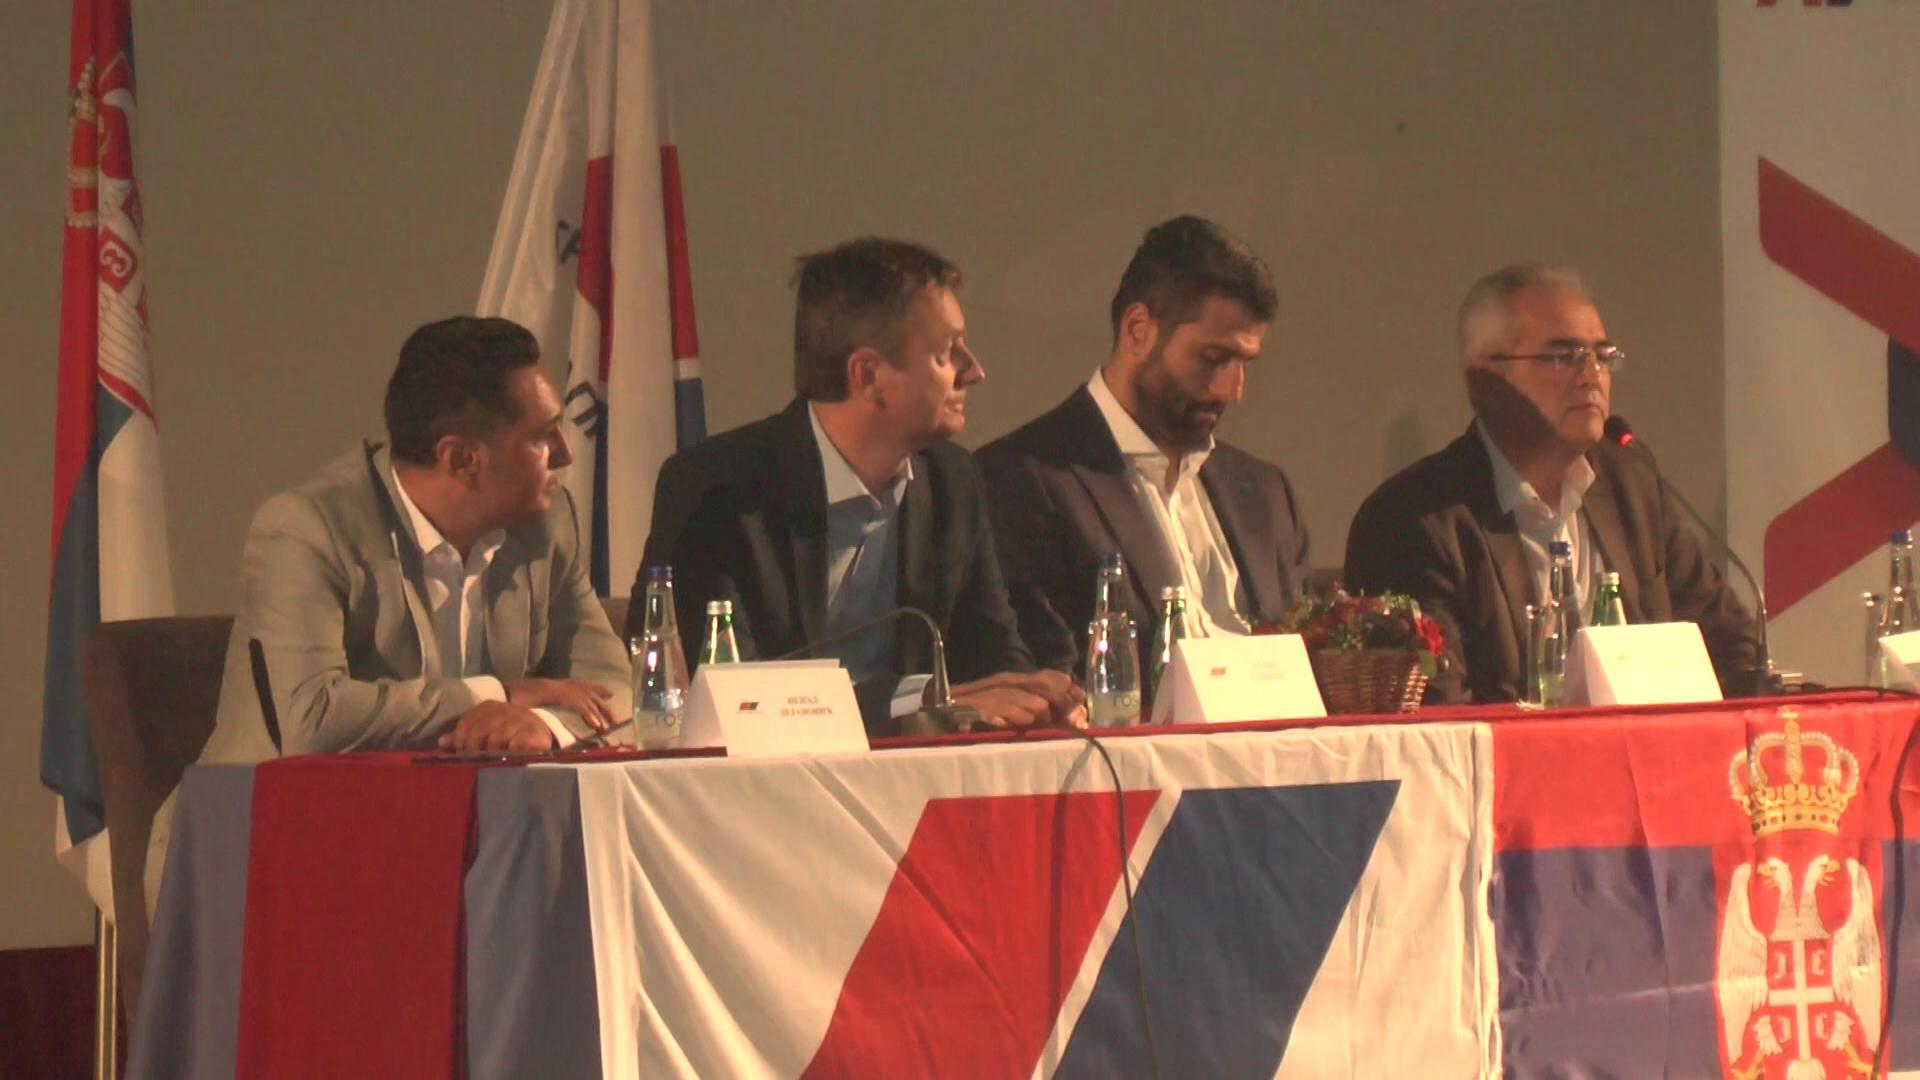 Aleksandar Šapić i Darko Glišić u Kruševcu održali radni sastanak sa članovima Srpske napredne stranke